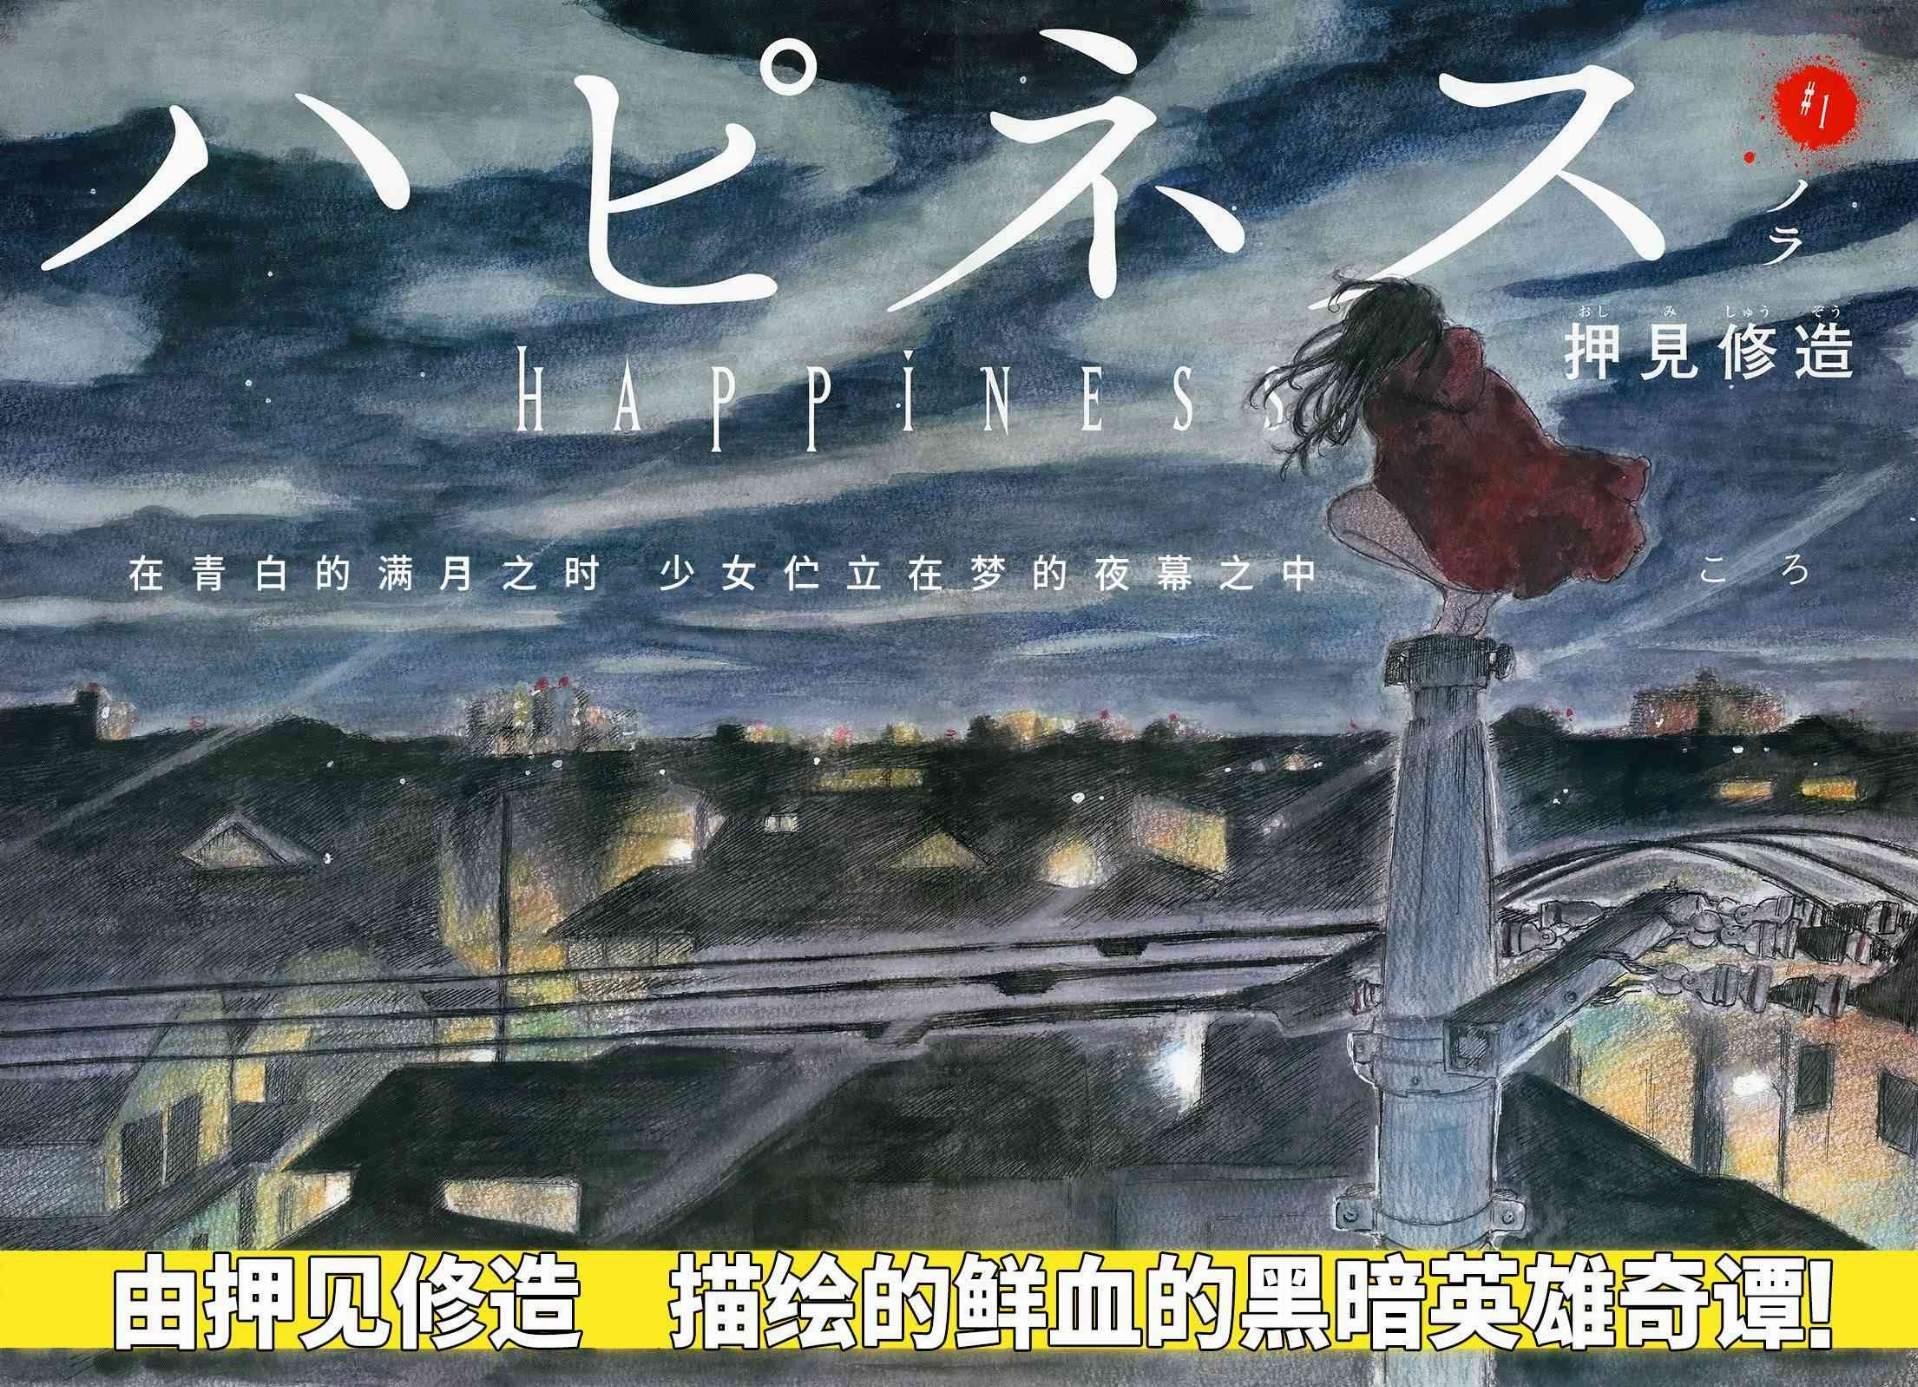 【完结】【漫画】《HAPPINESS》百度网盘下载